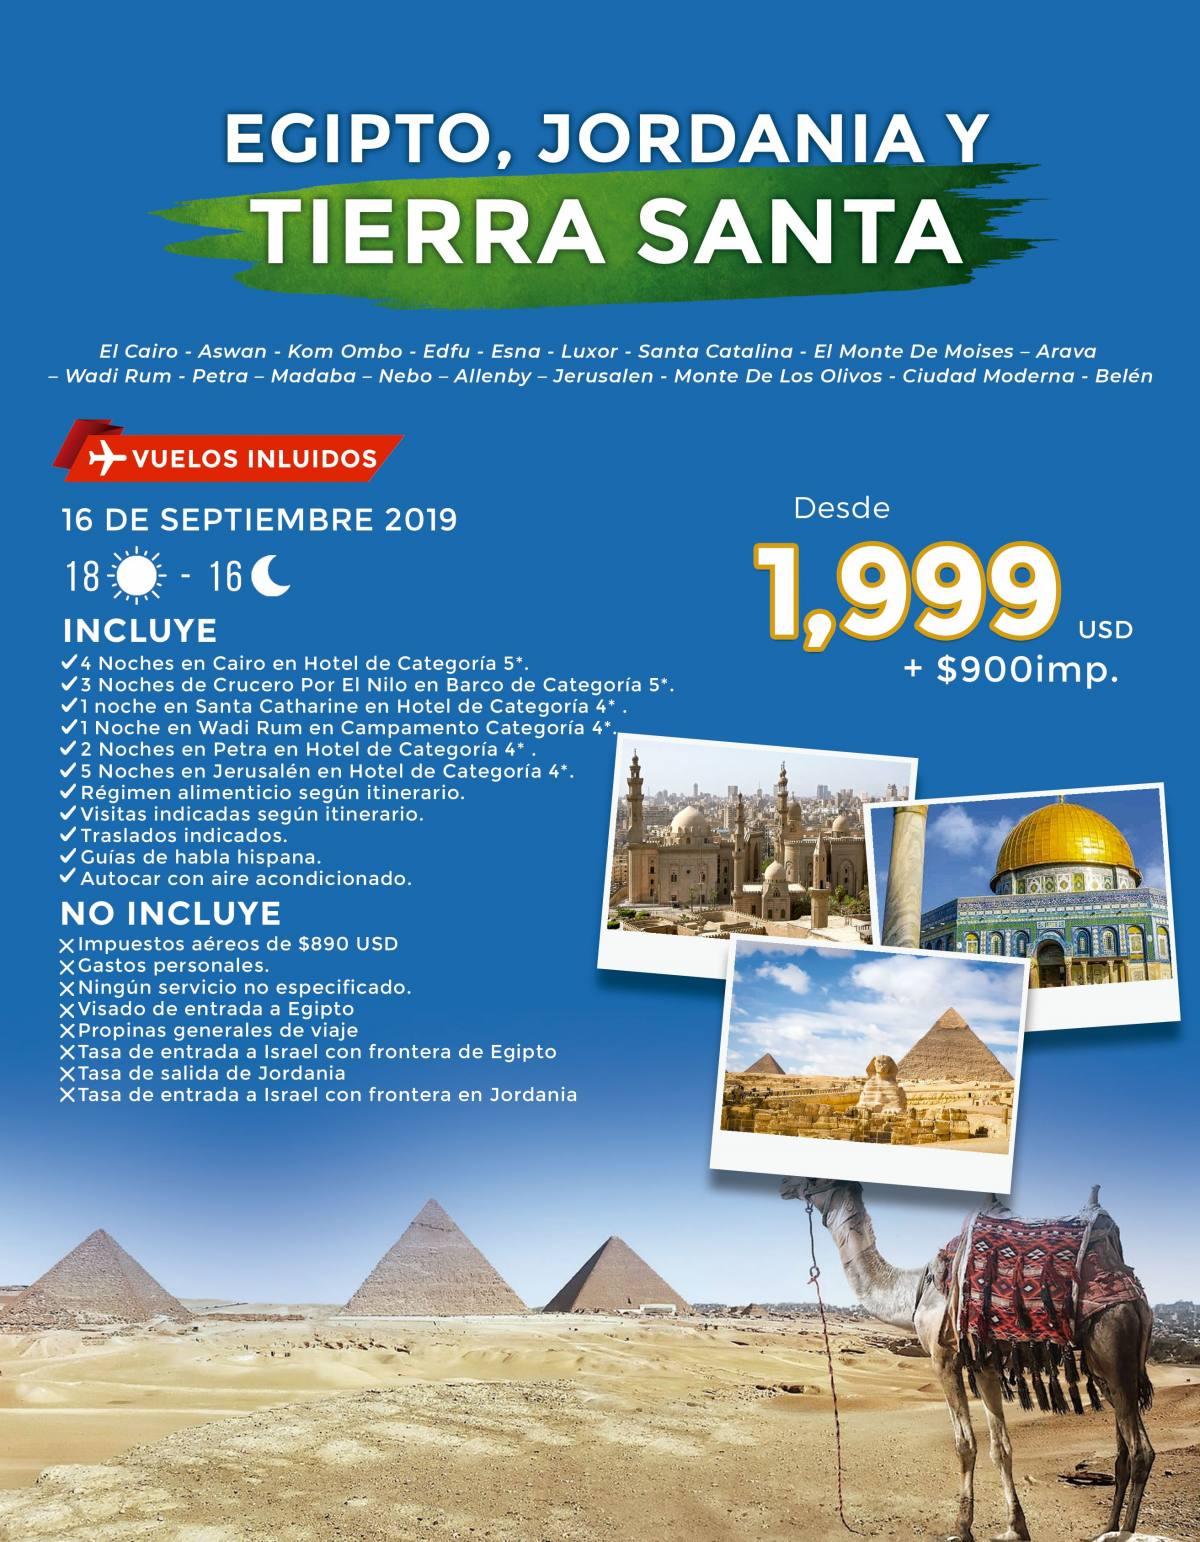 Egipto Jordania Tierra Santa 18 Diás desde 1,999 USD